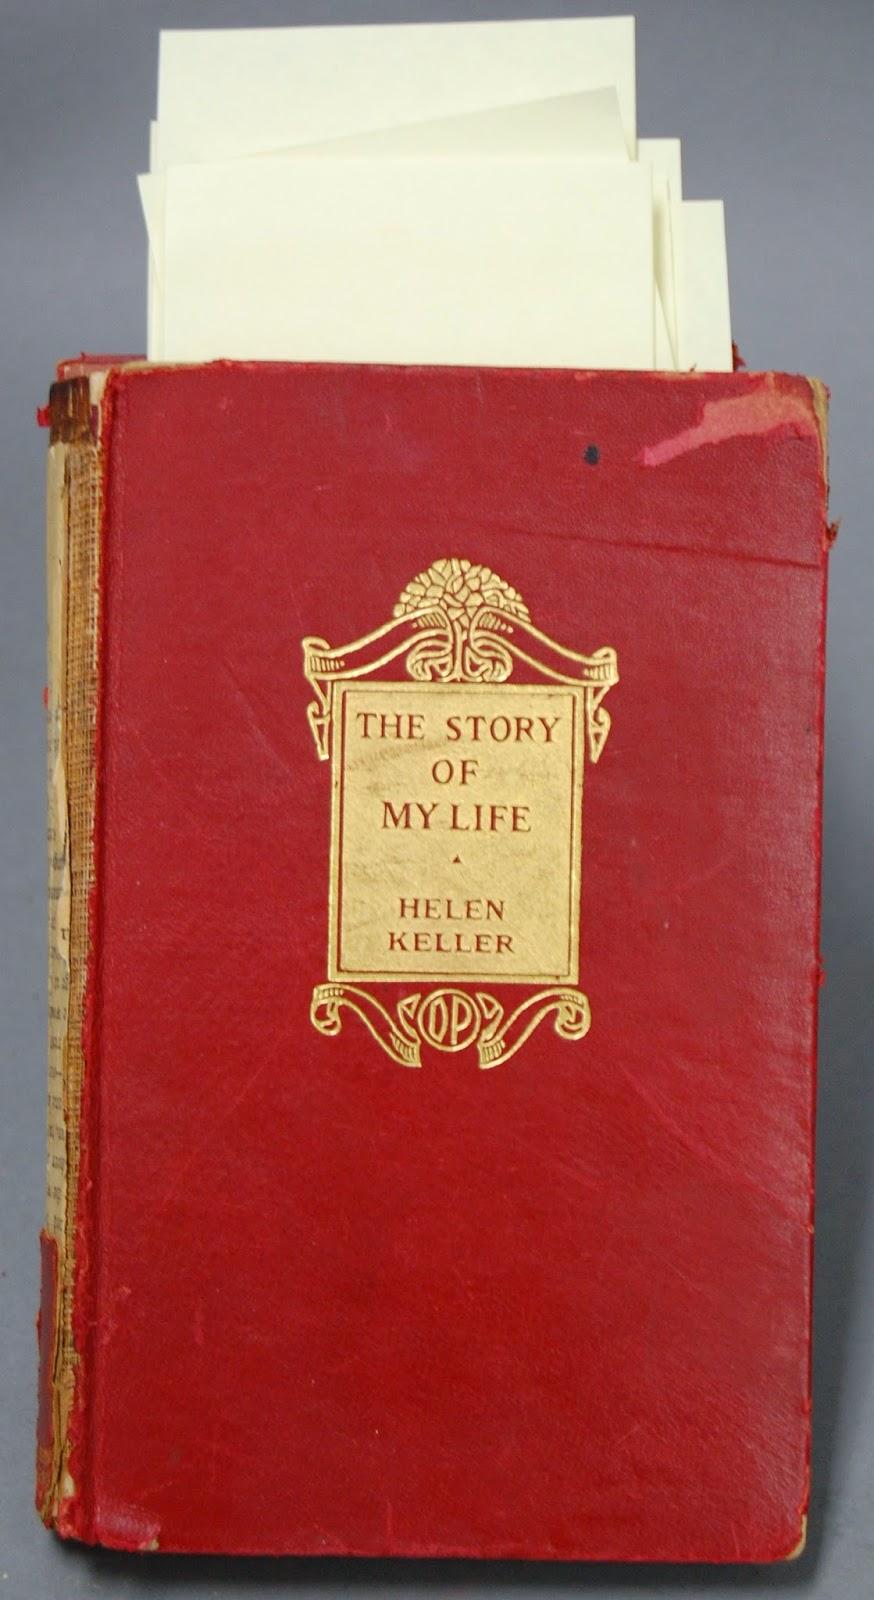 Helen Keller's Autobiography